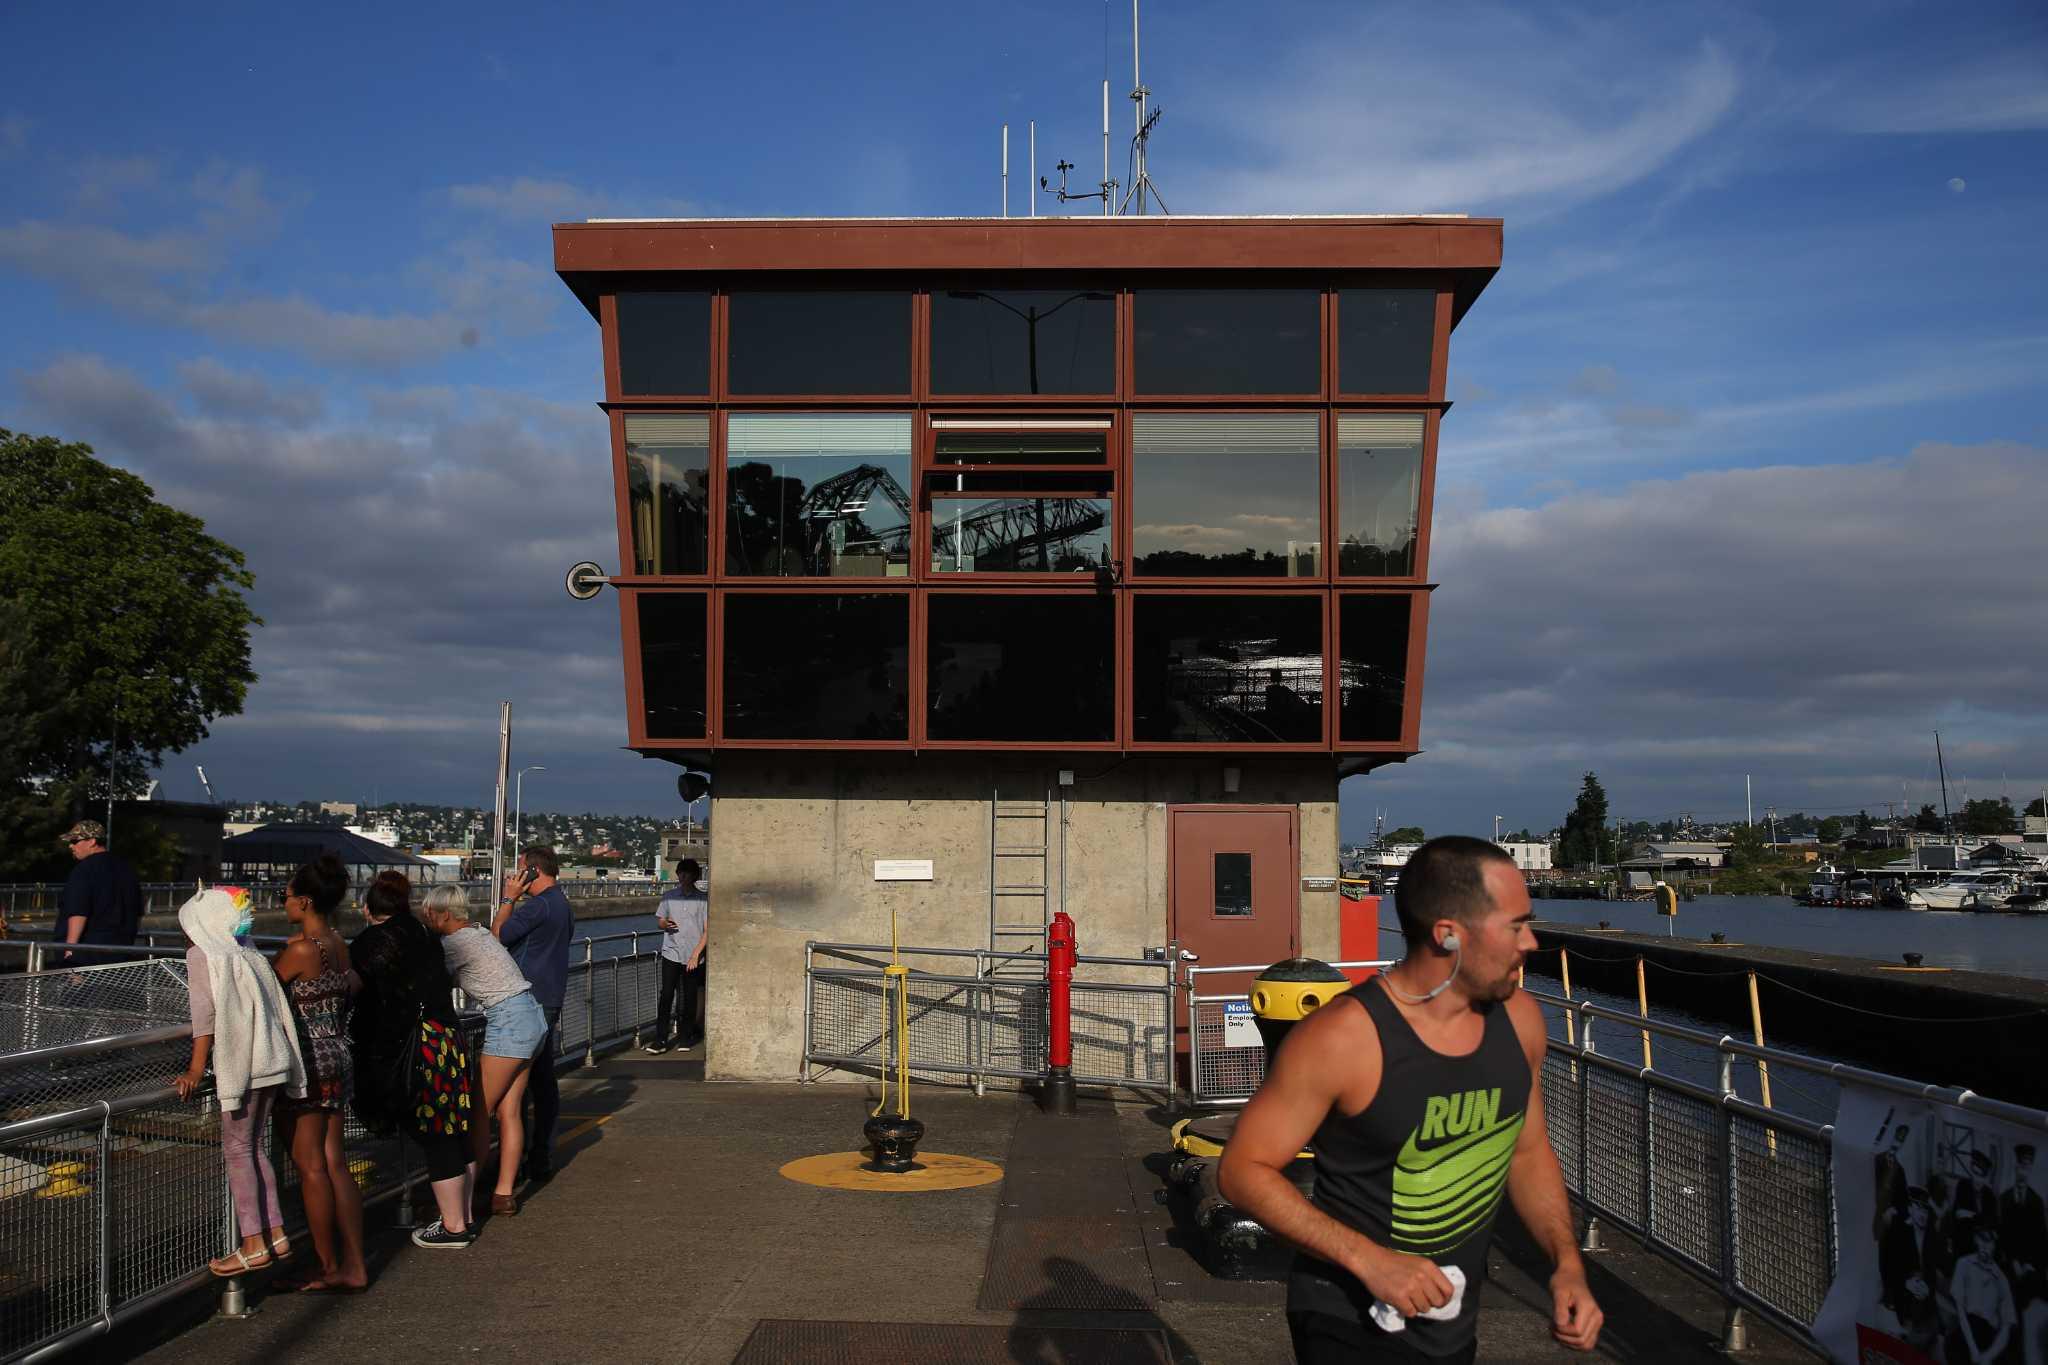 Pedestrian bridges at Ballard Locks set to reopen this month